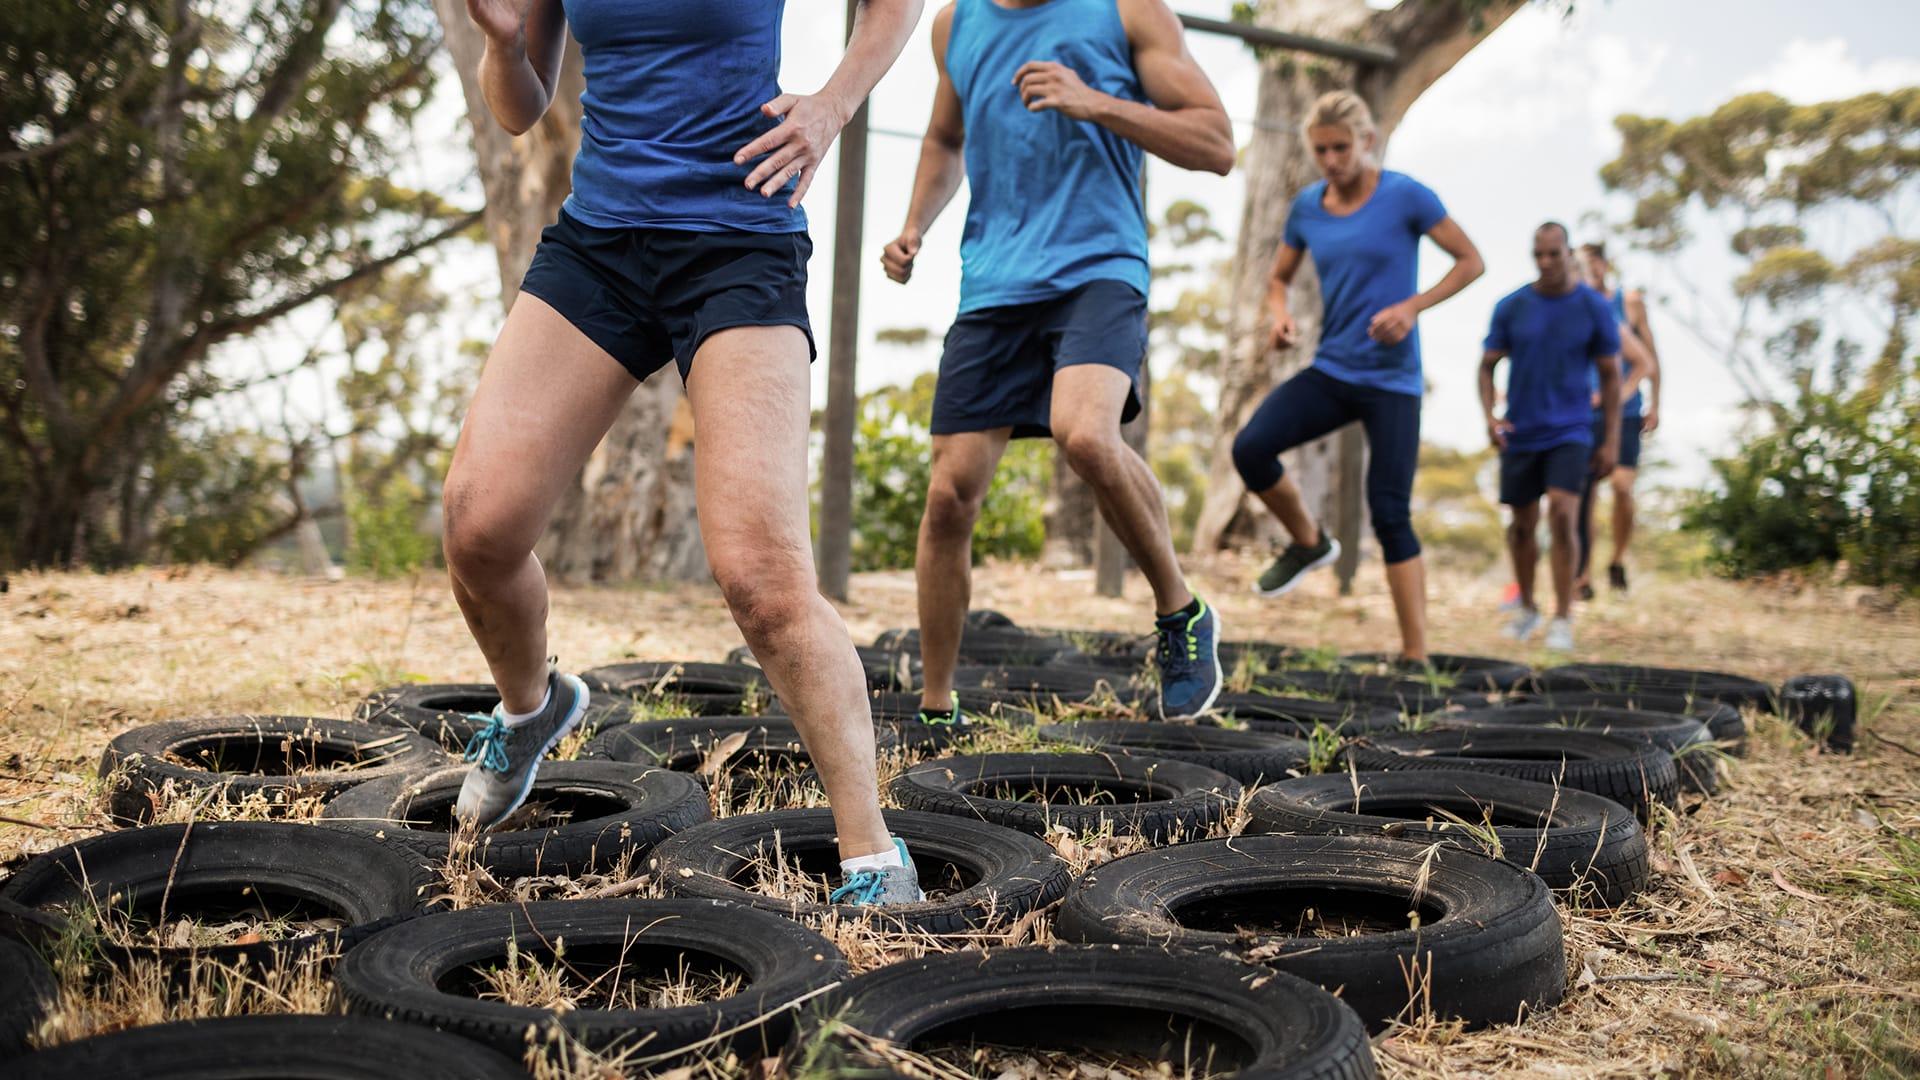 Kan melkesyre hjelpe deg å trene mer effektivt?